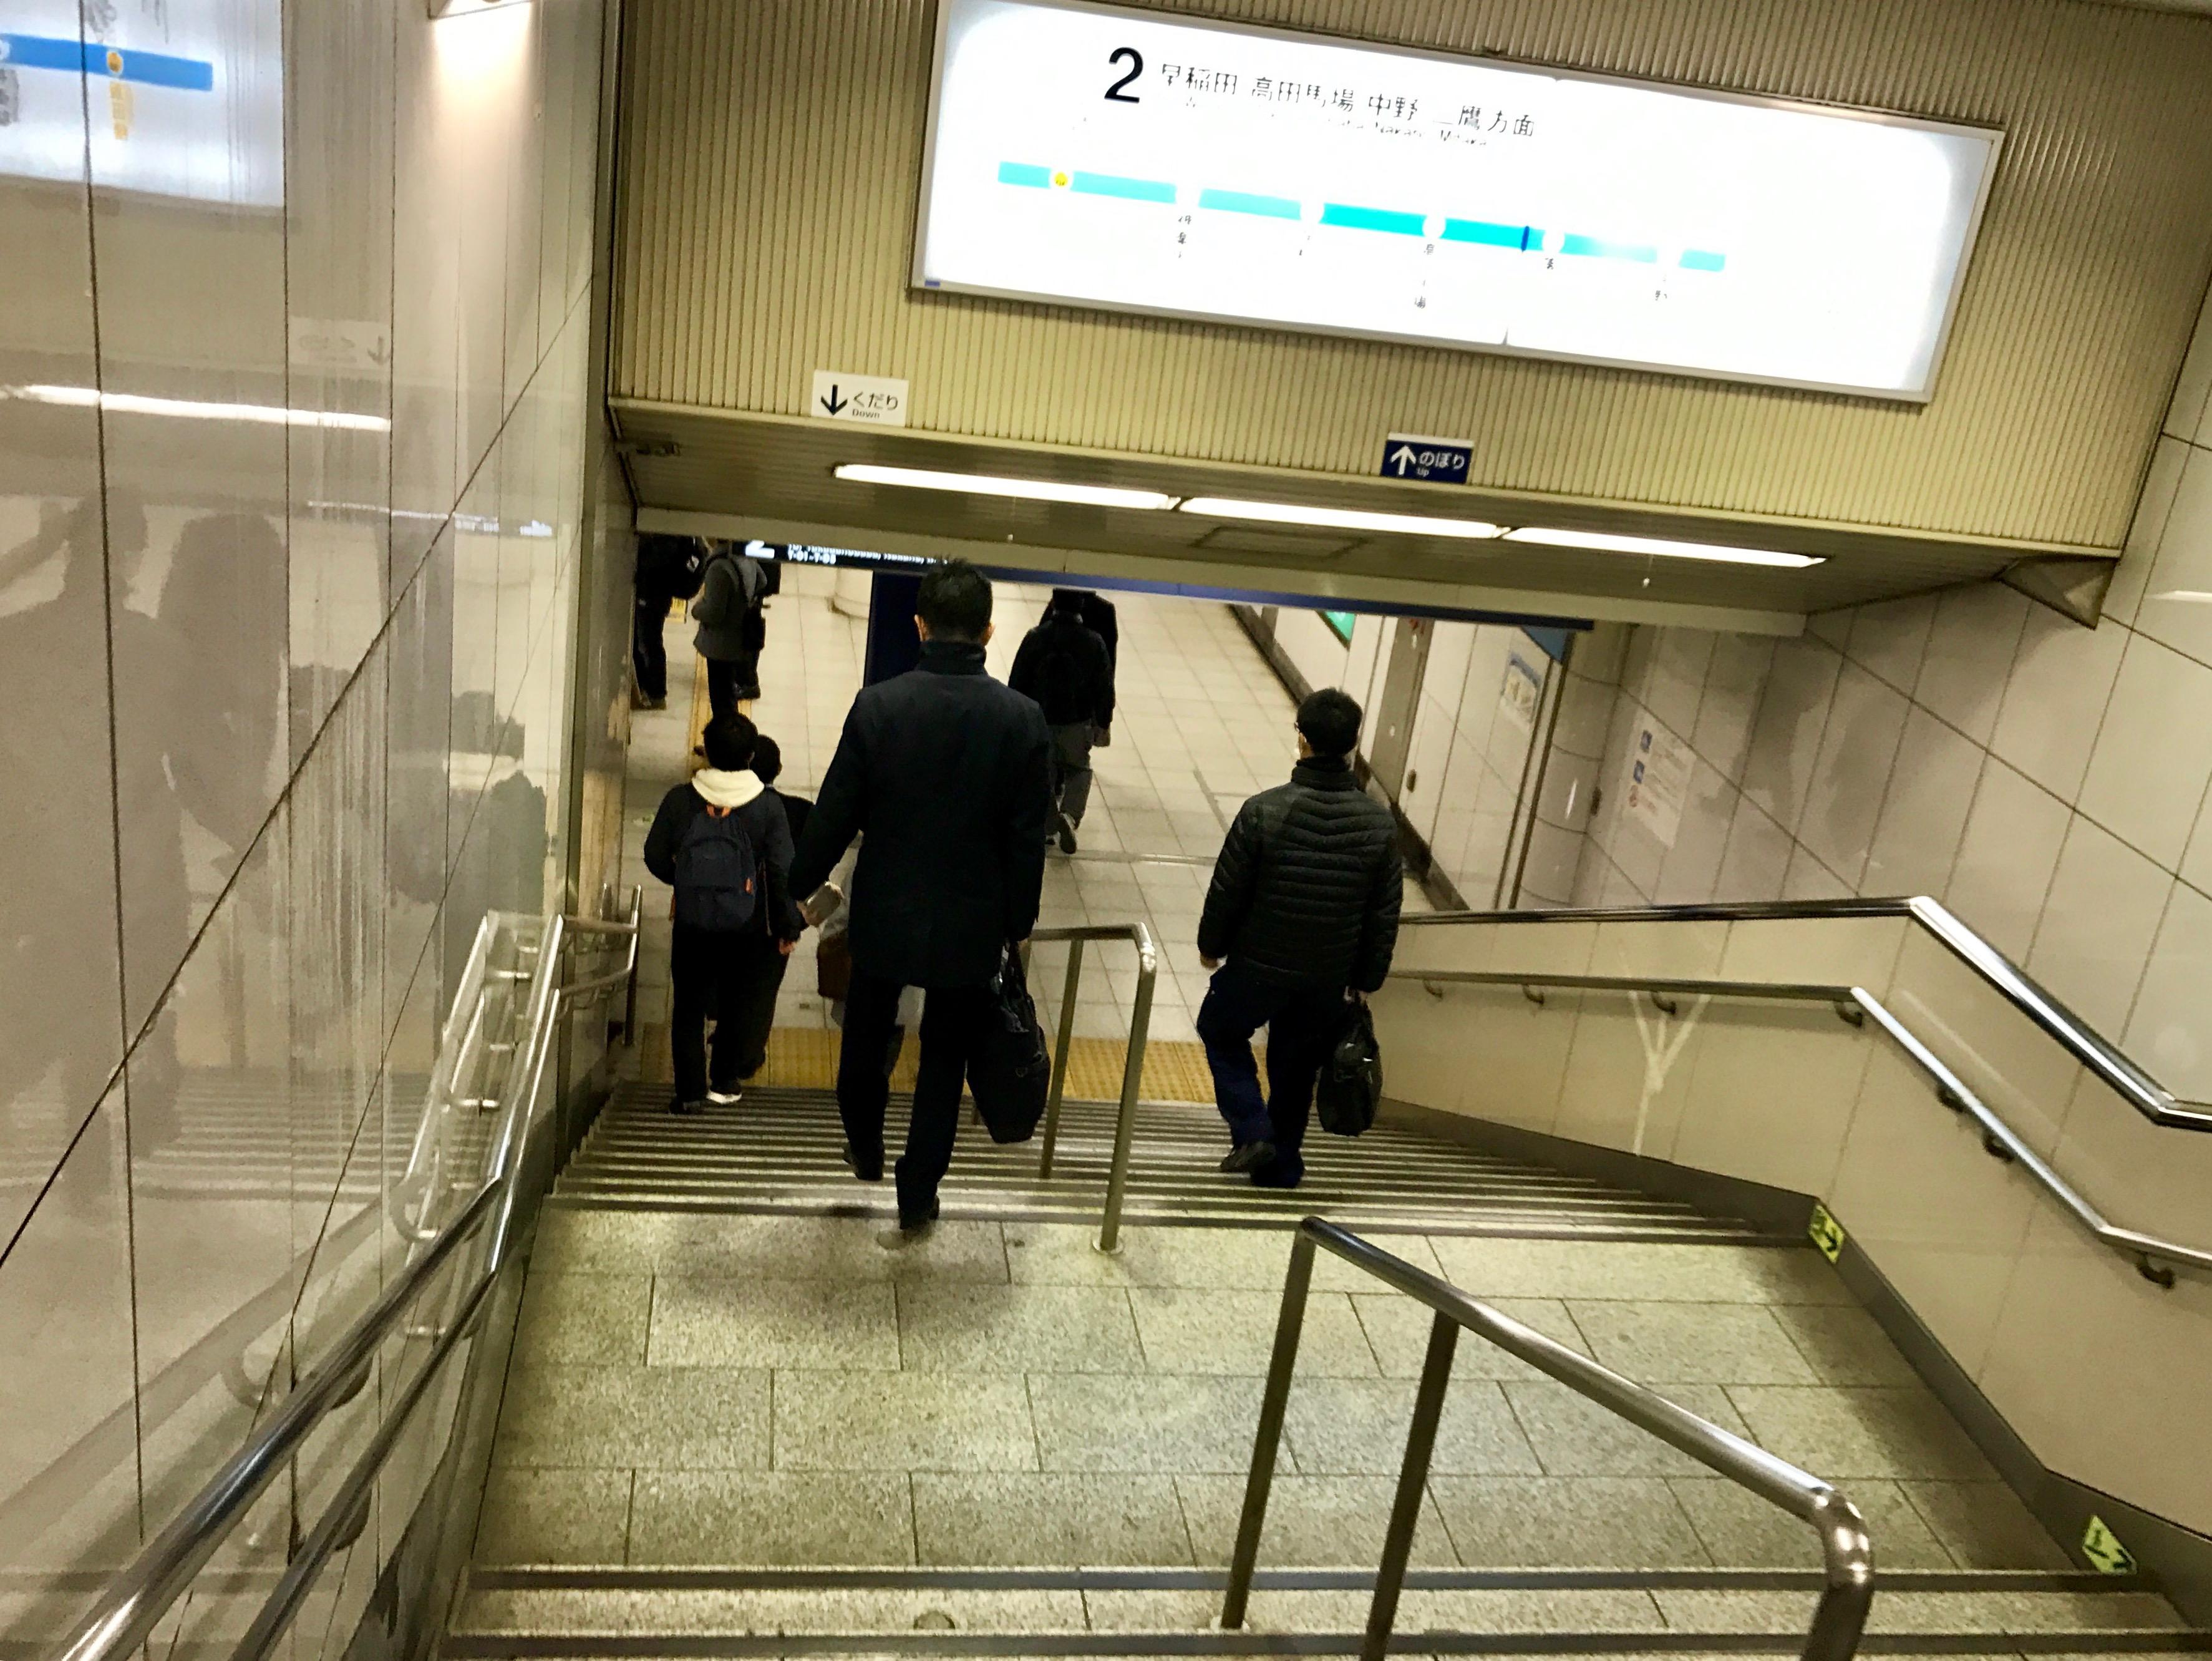 365 Jours de Tokyo: day 26